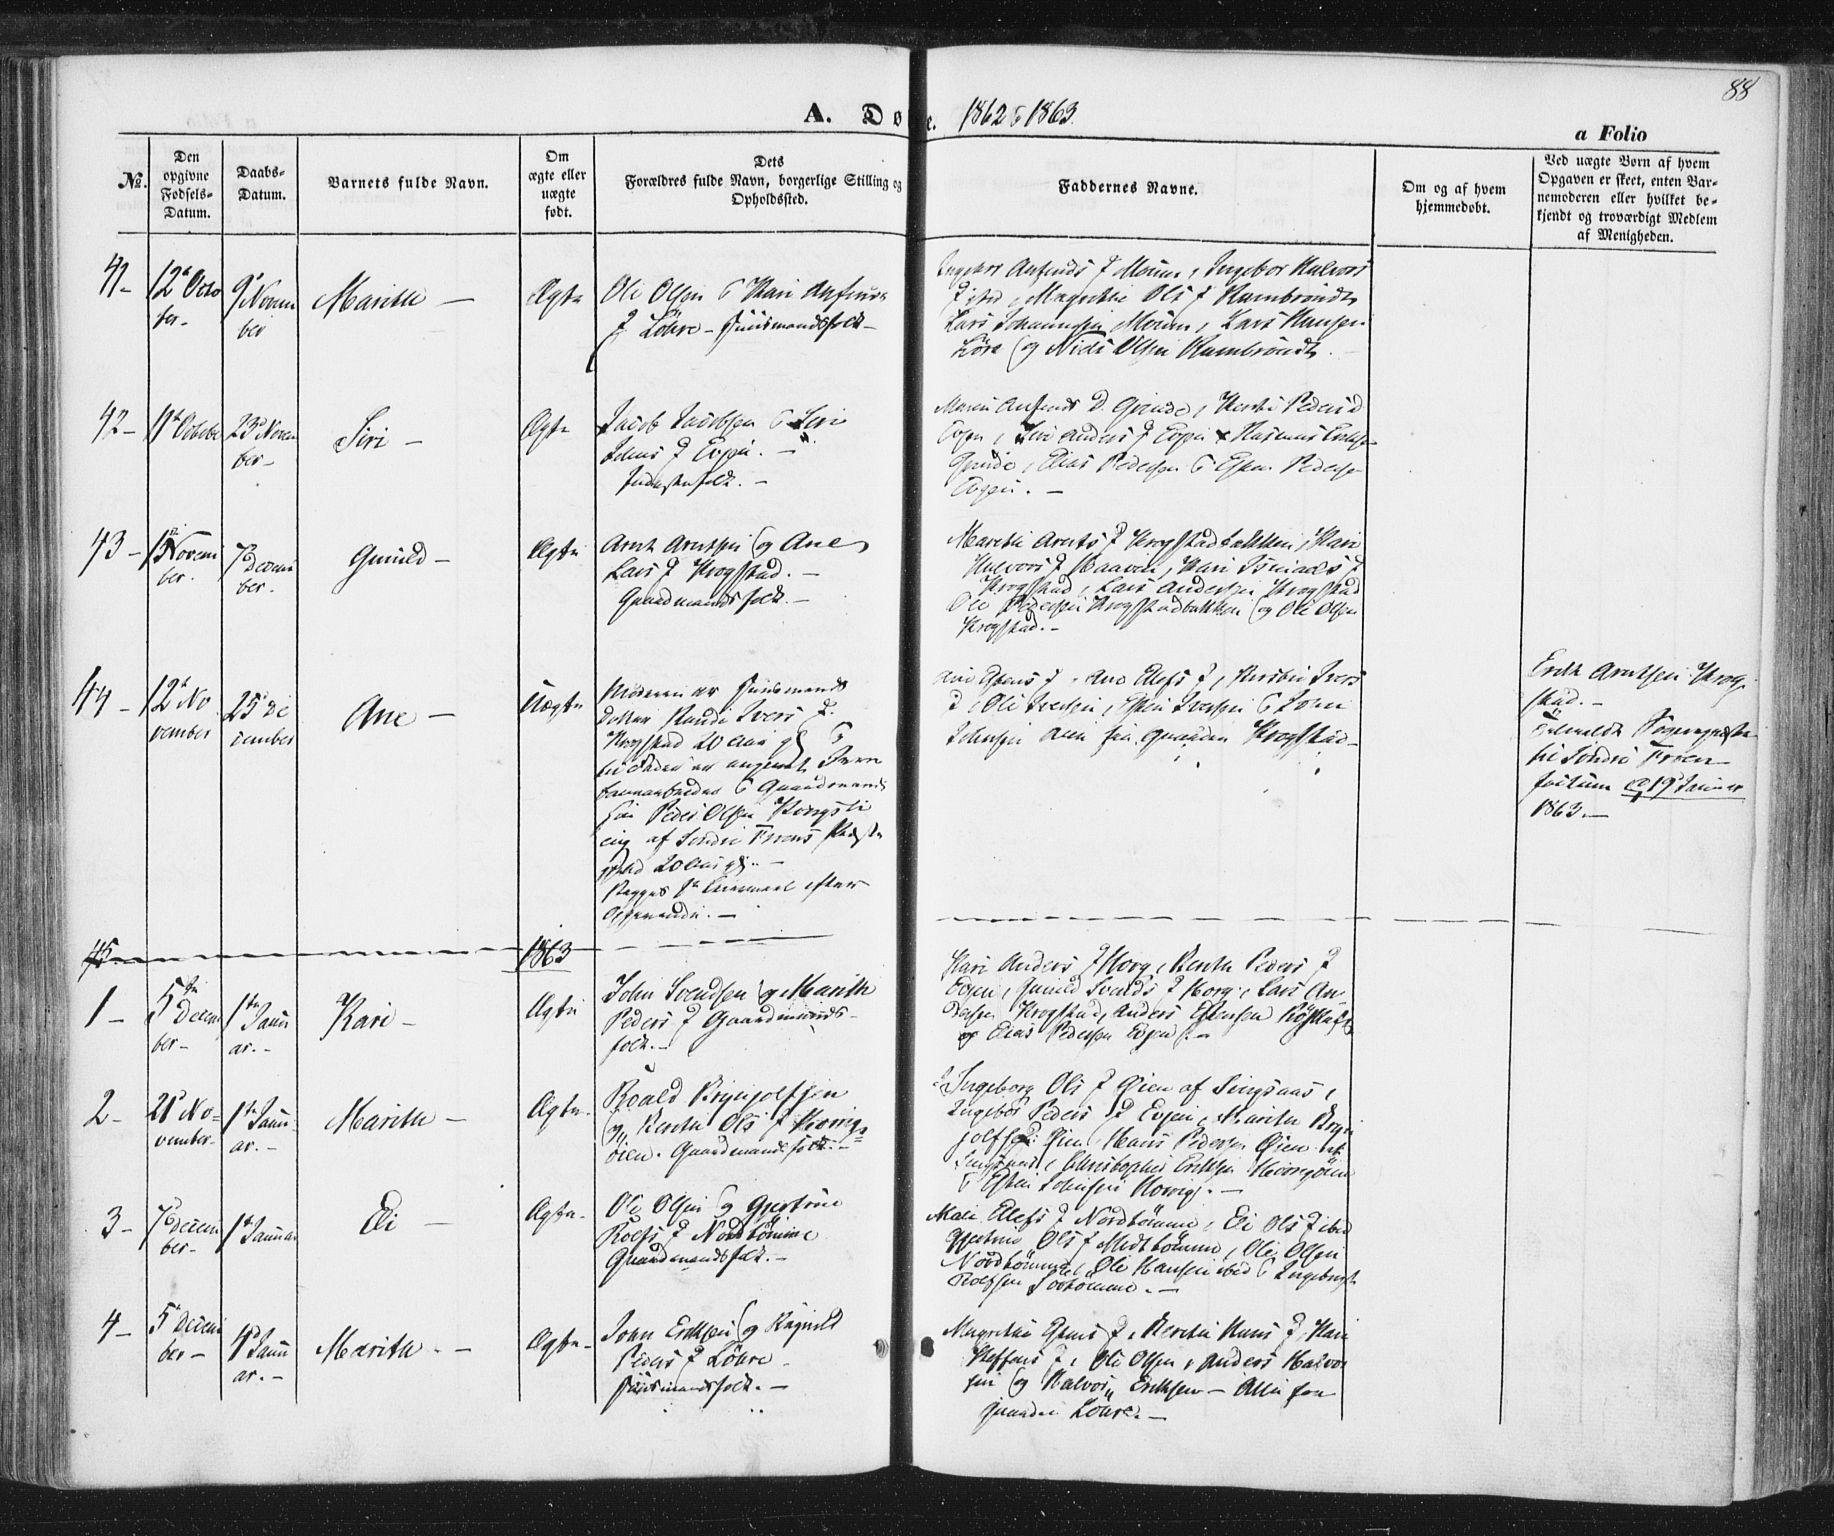 SAT, Ministerialprotokoller, klokkerbøker og fødselsregistre - Sør-Trøndelag, 692/L1103: Ministerialbok nr. 692A03, 1849-1870, s. 88